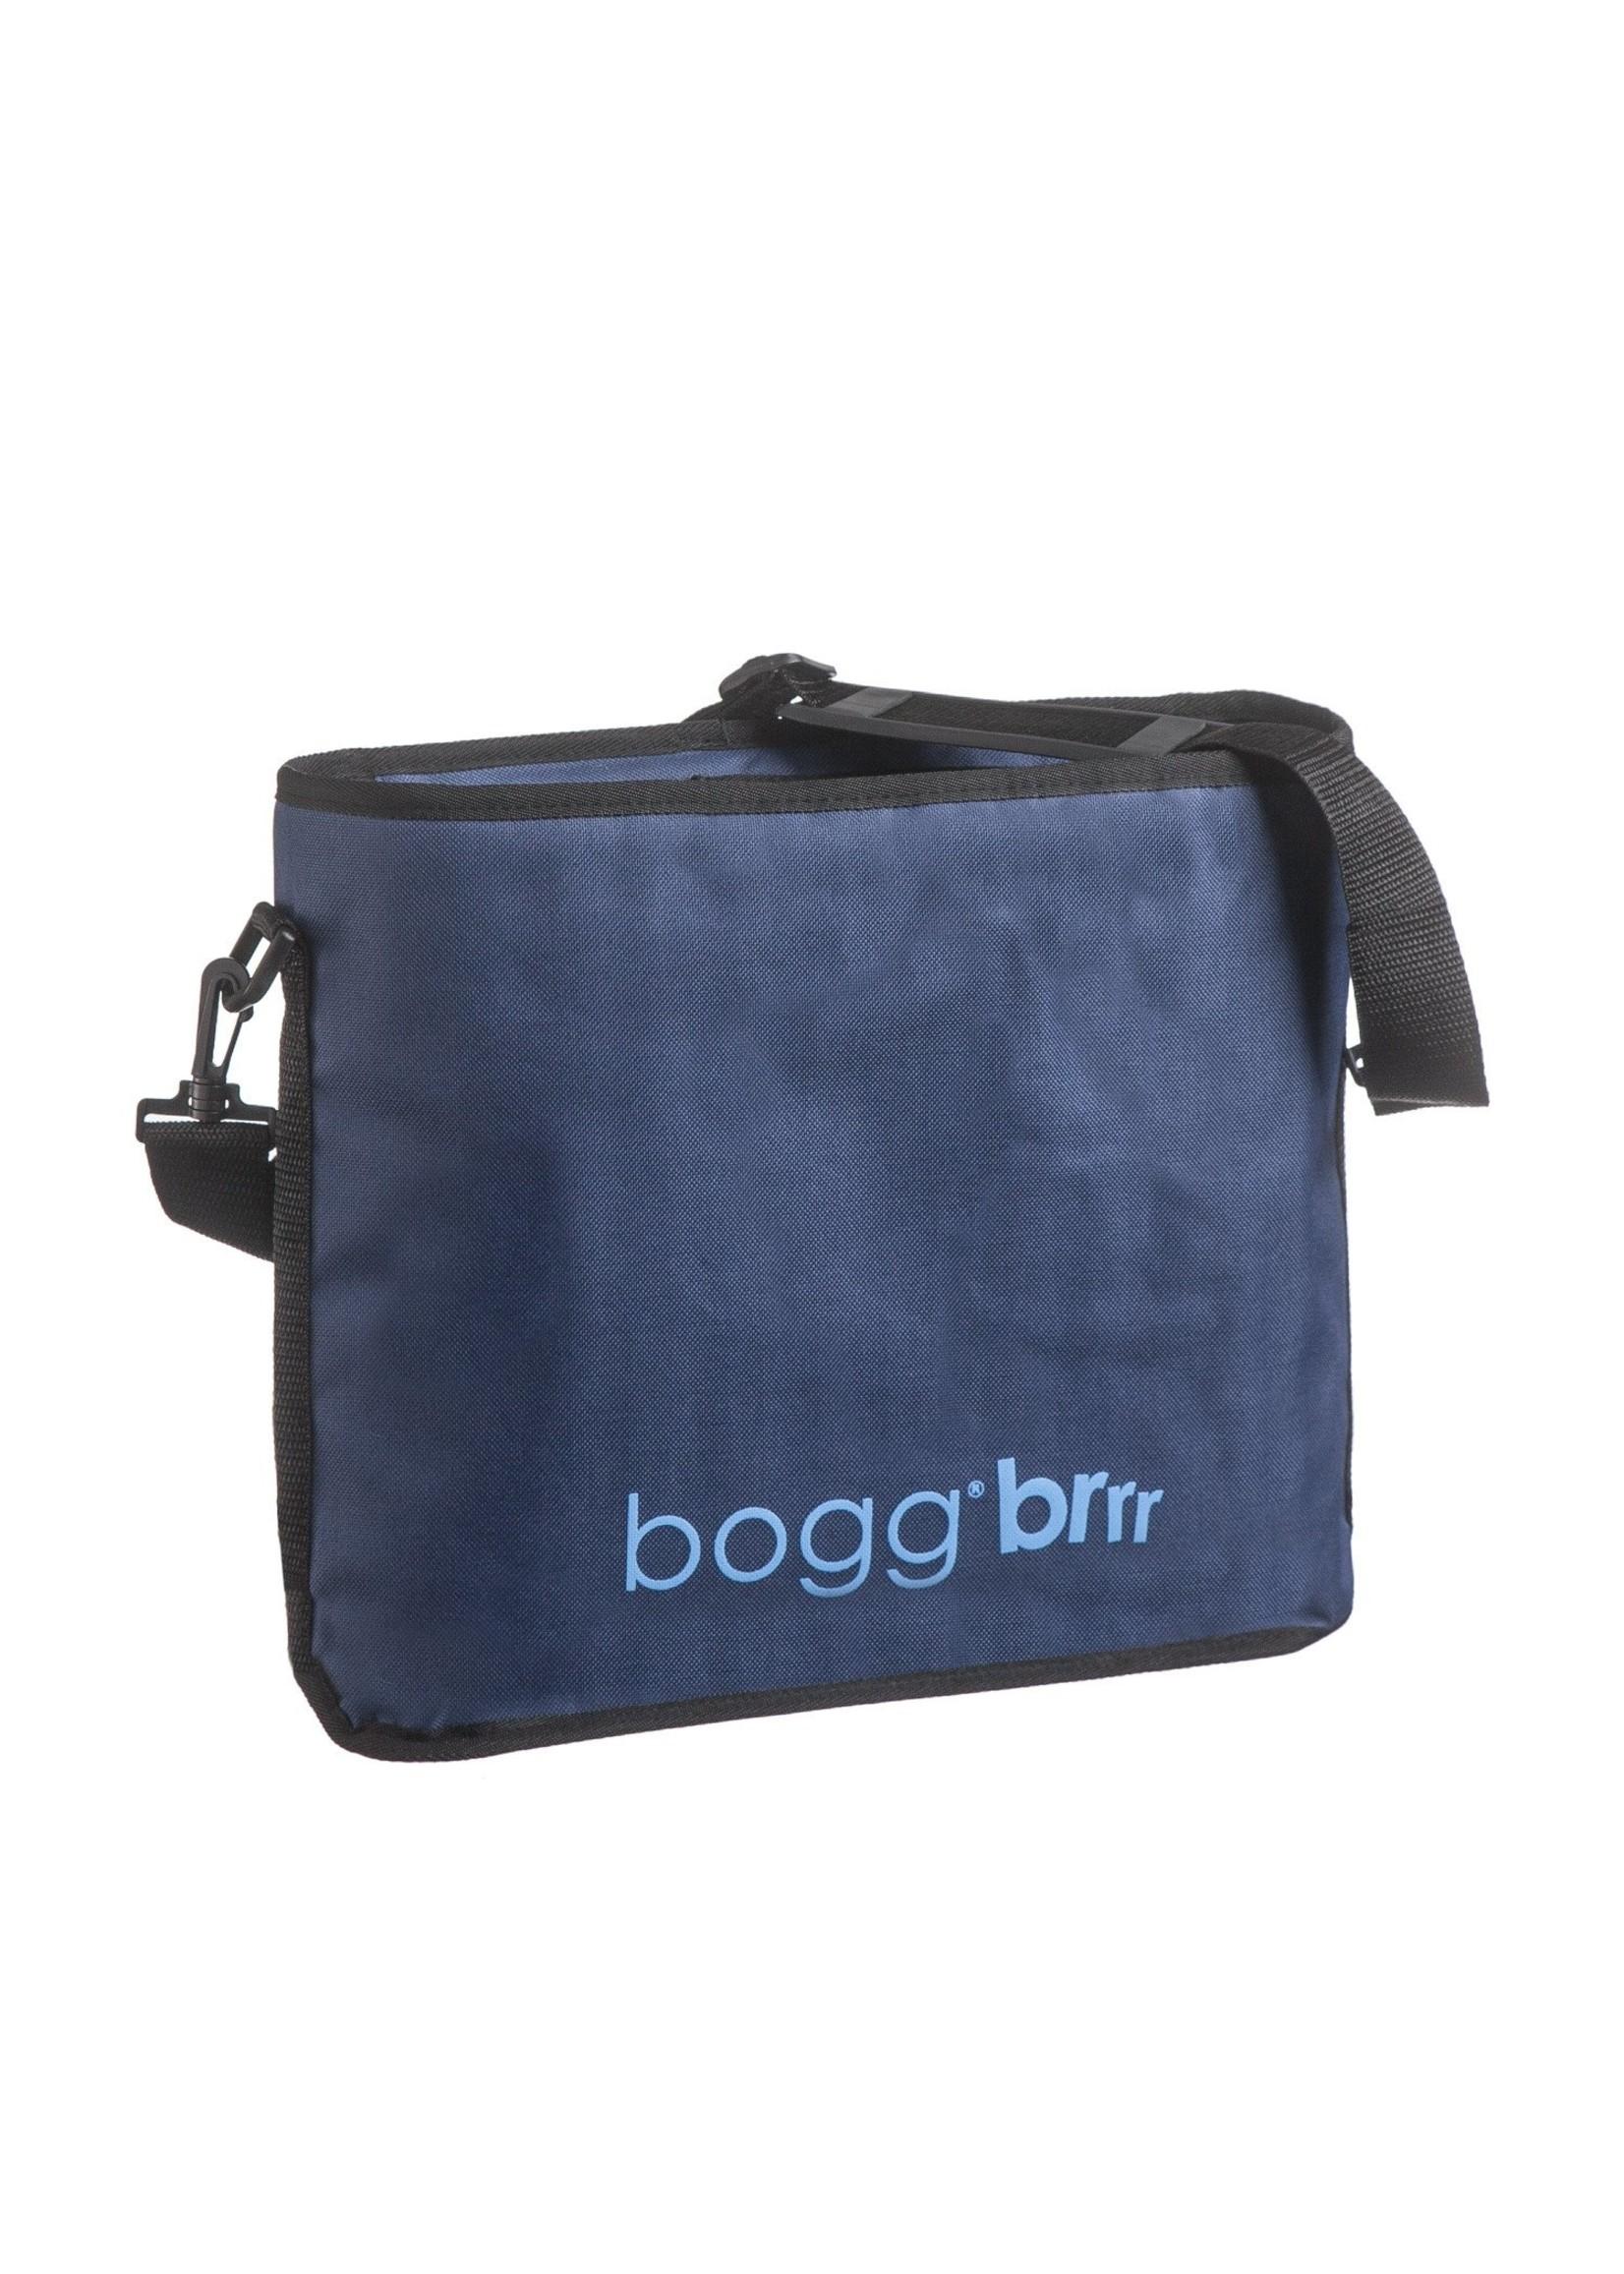 Bogg Bag Brrr - Cooler Inserts